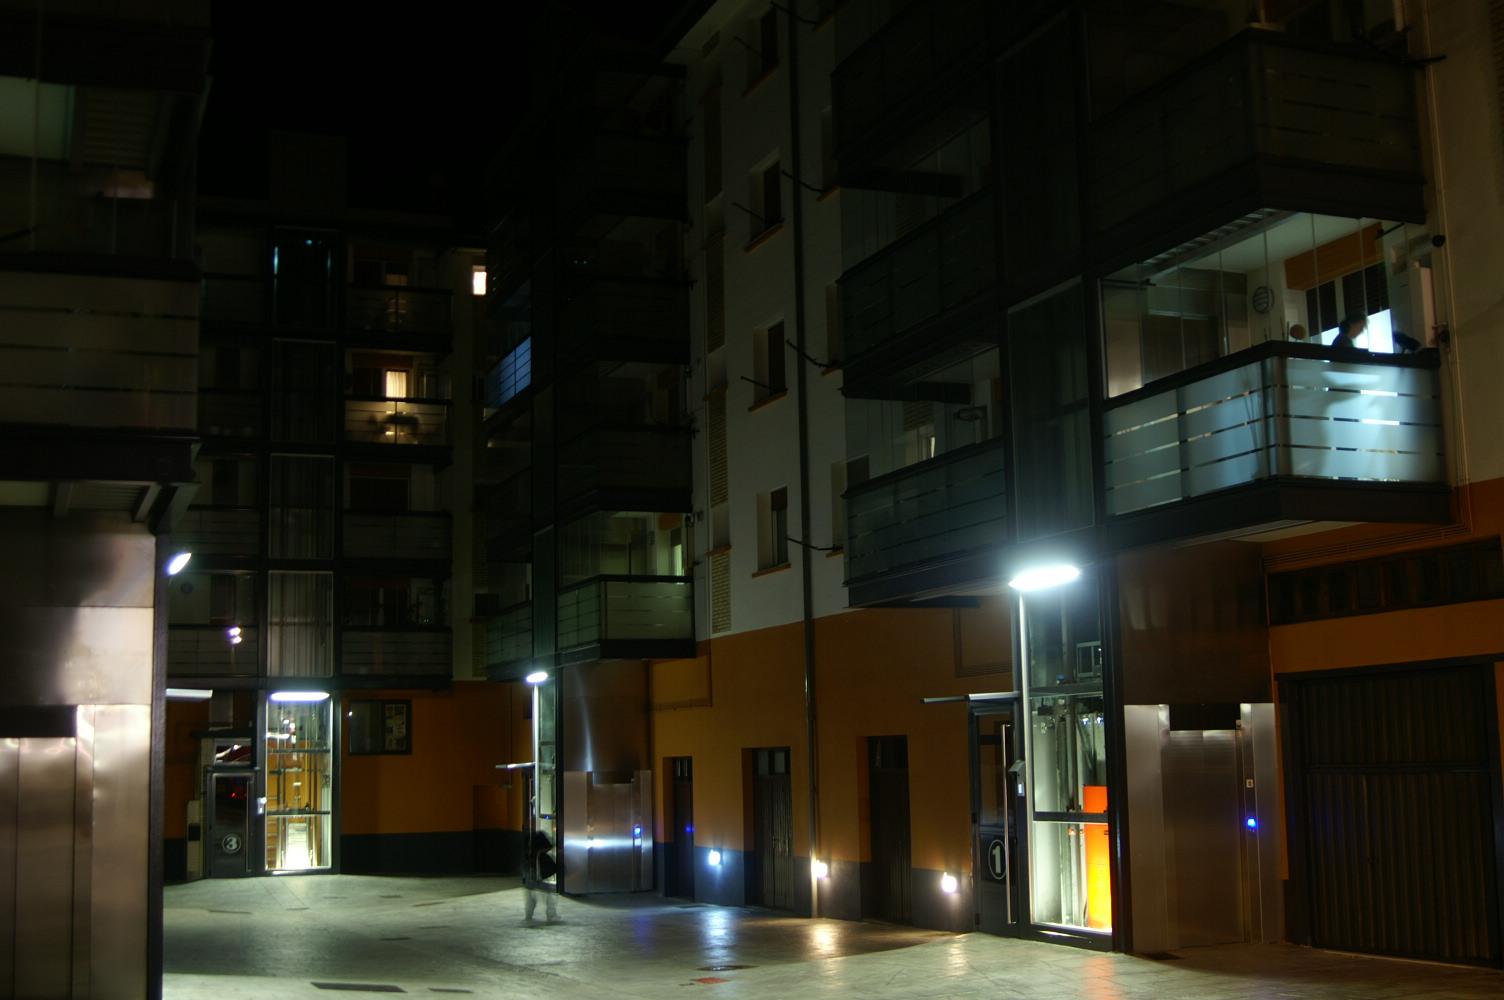 Iluminación nocturna sostenible